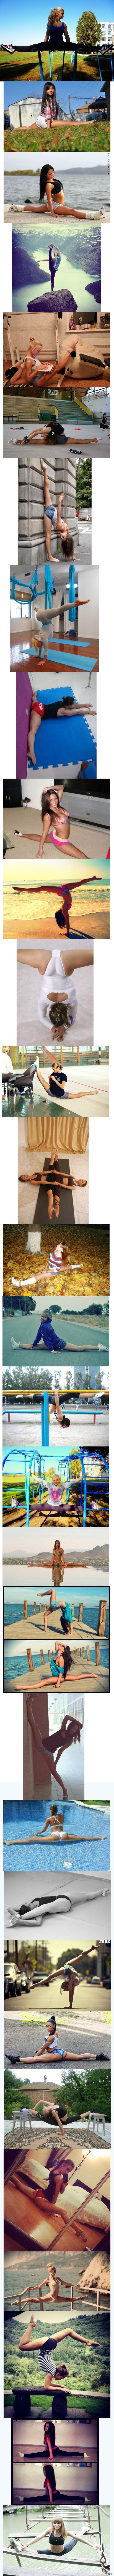 Фото девушки садящейся на шпагат